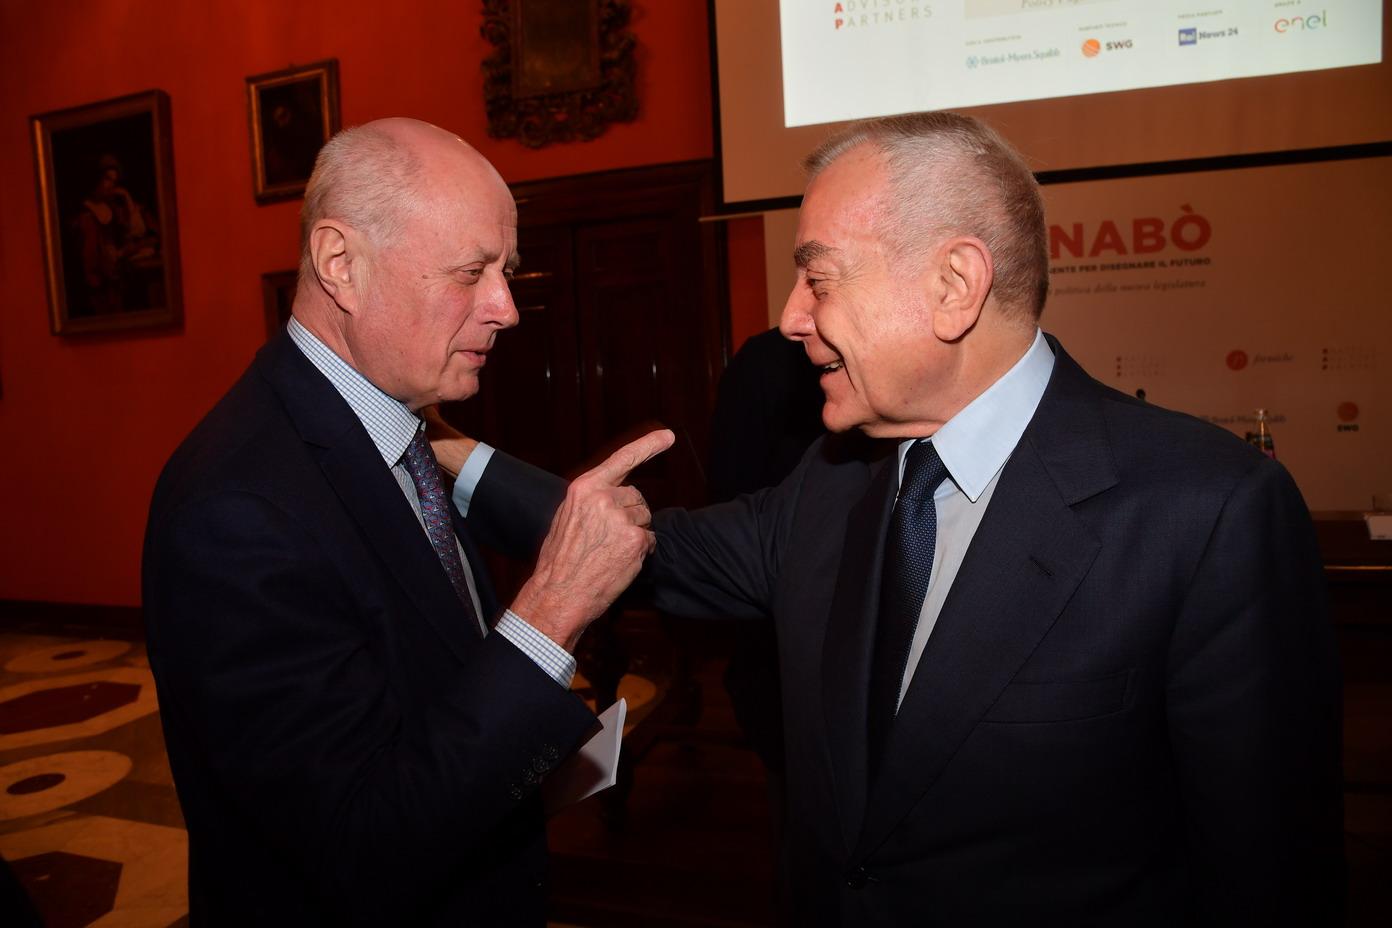 Bruno Tabacci e Gianni Letta